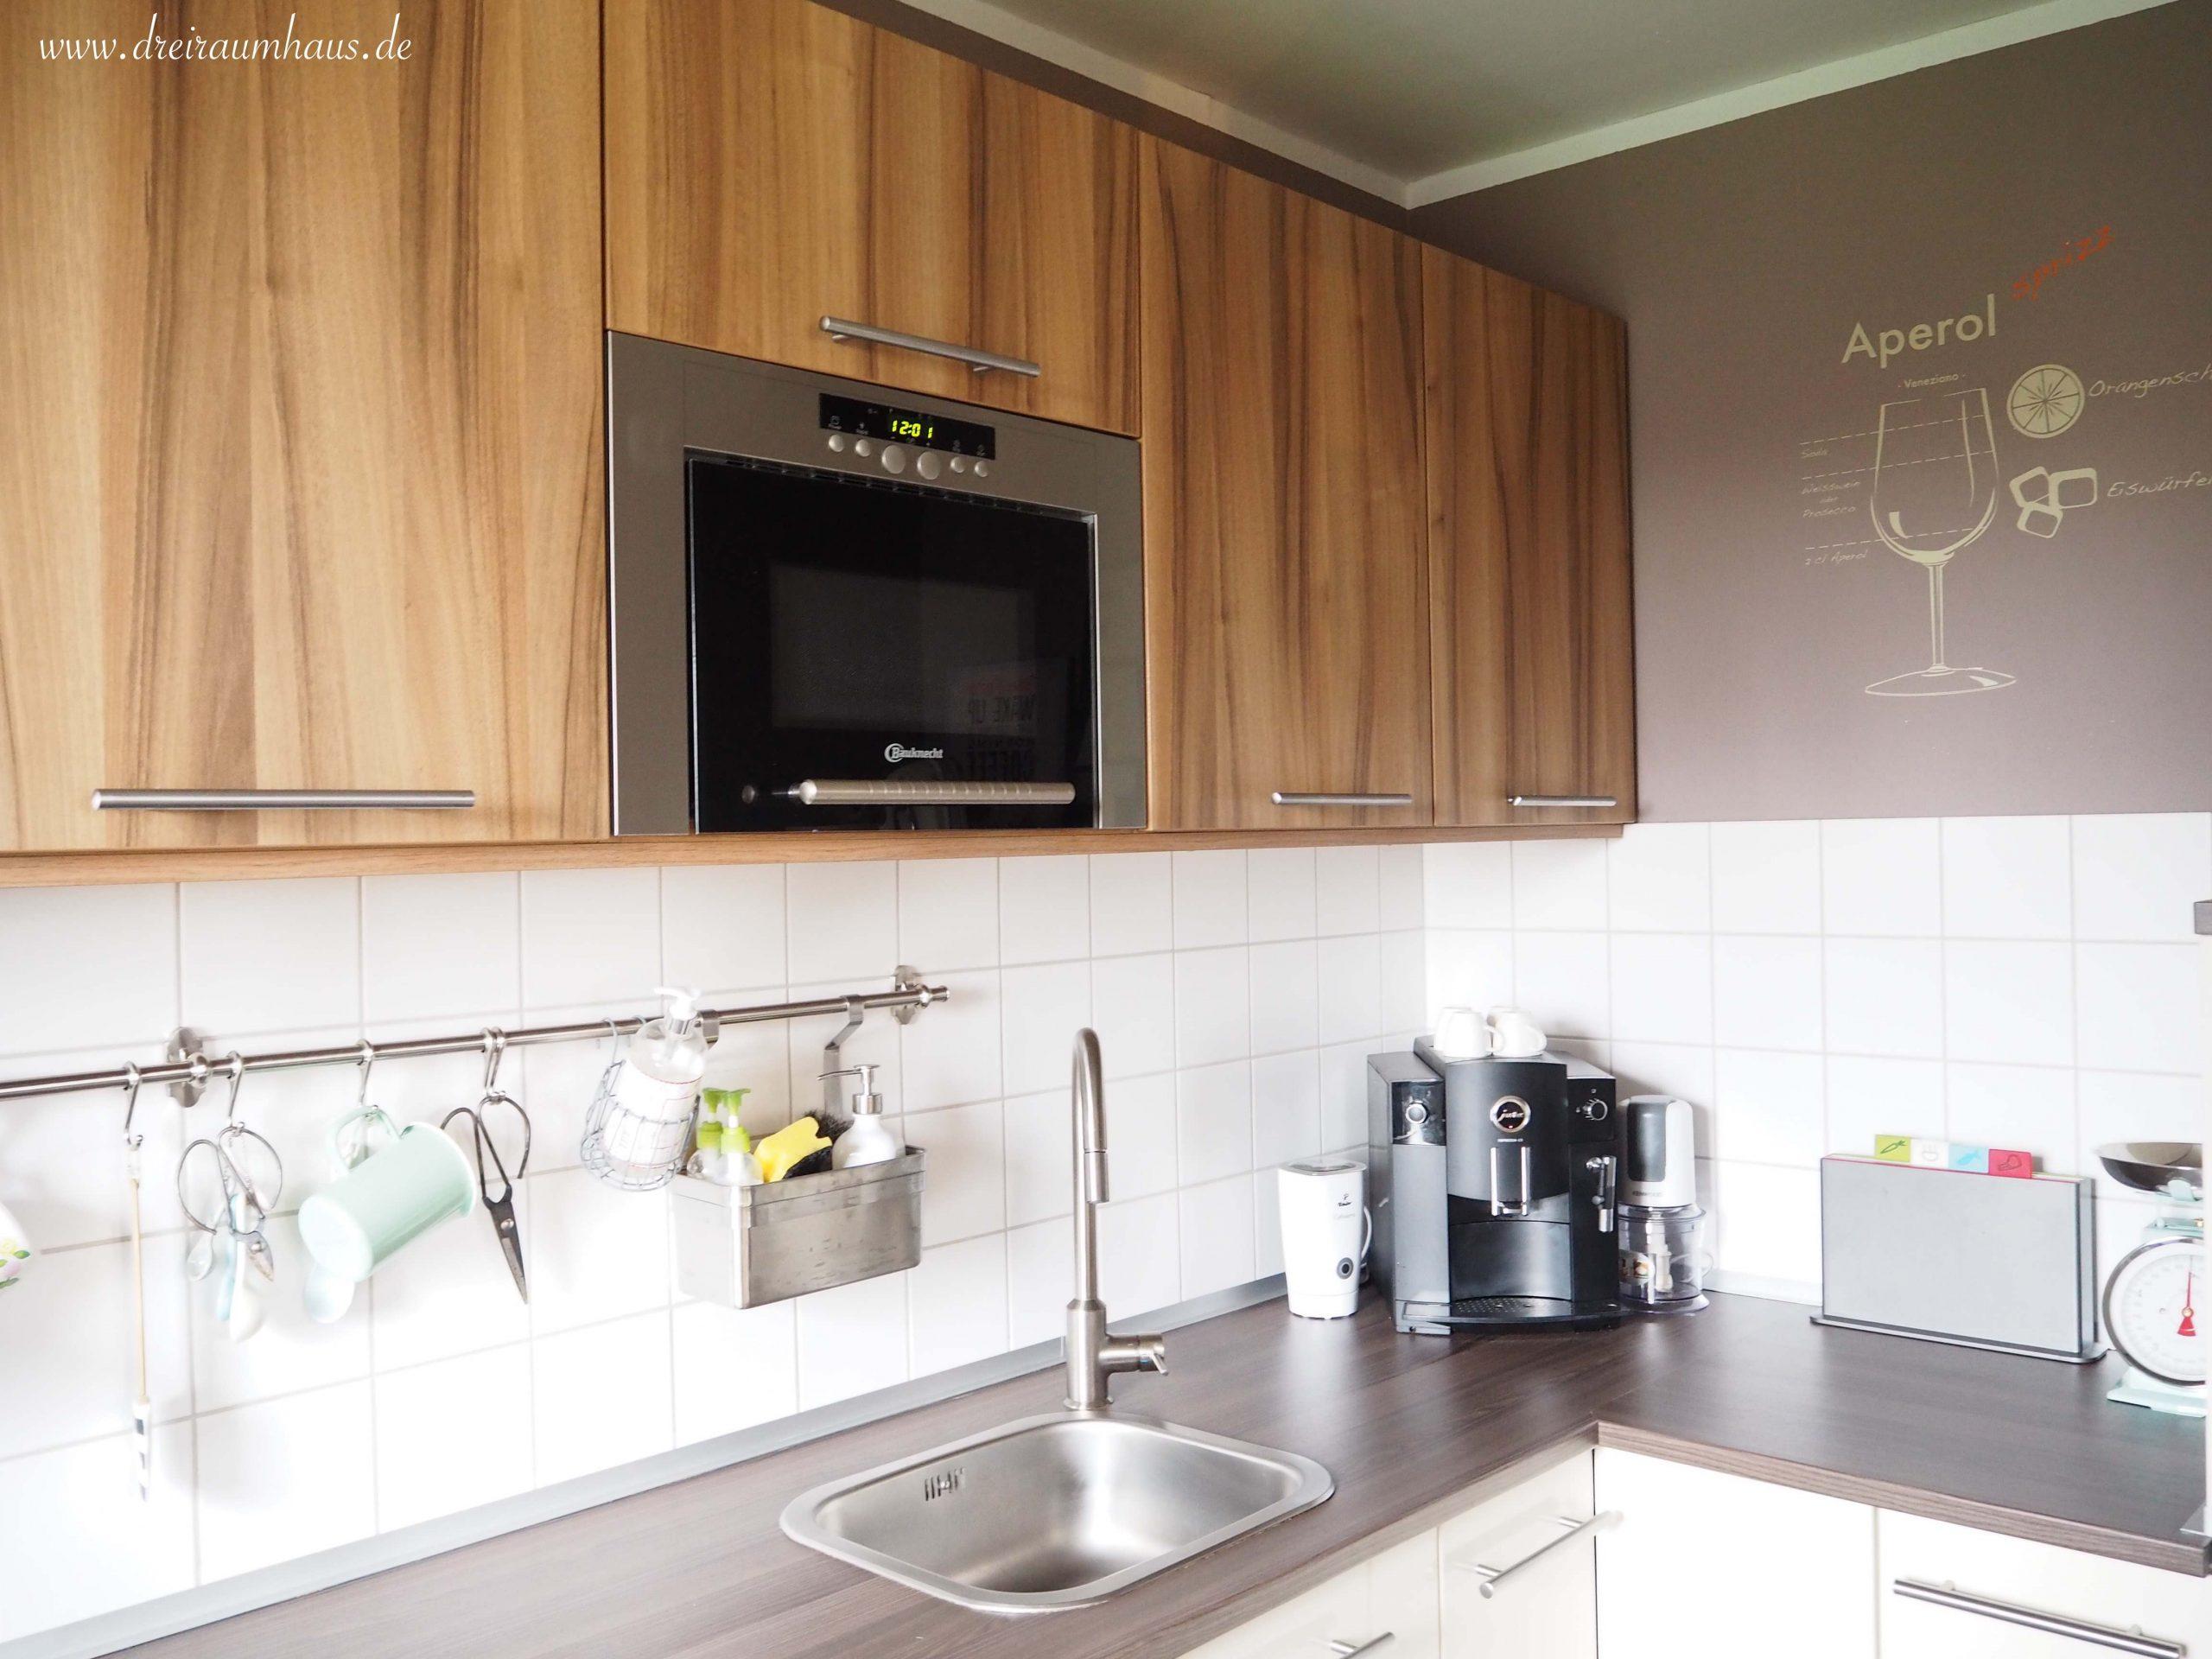 Full Size of Raumteiler Ikea Kche Landhausstil Beste Wohndesign Betten 160x200 Bei Modulküche Sofa Mit Schlaffunktion Küche Kaufen Kosten Miniküche Wohnzimmer Raumteiler Ikea